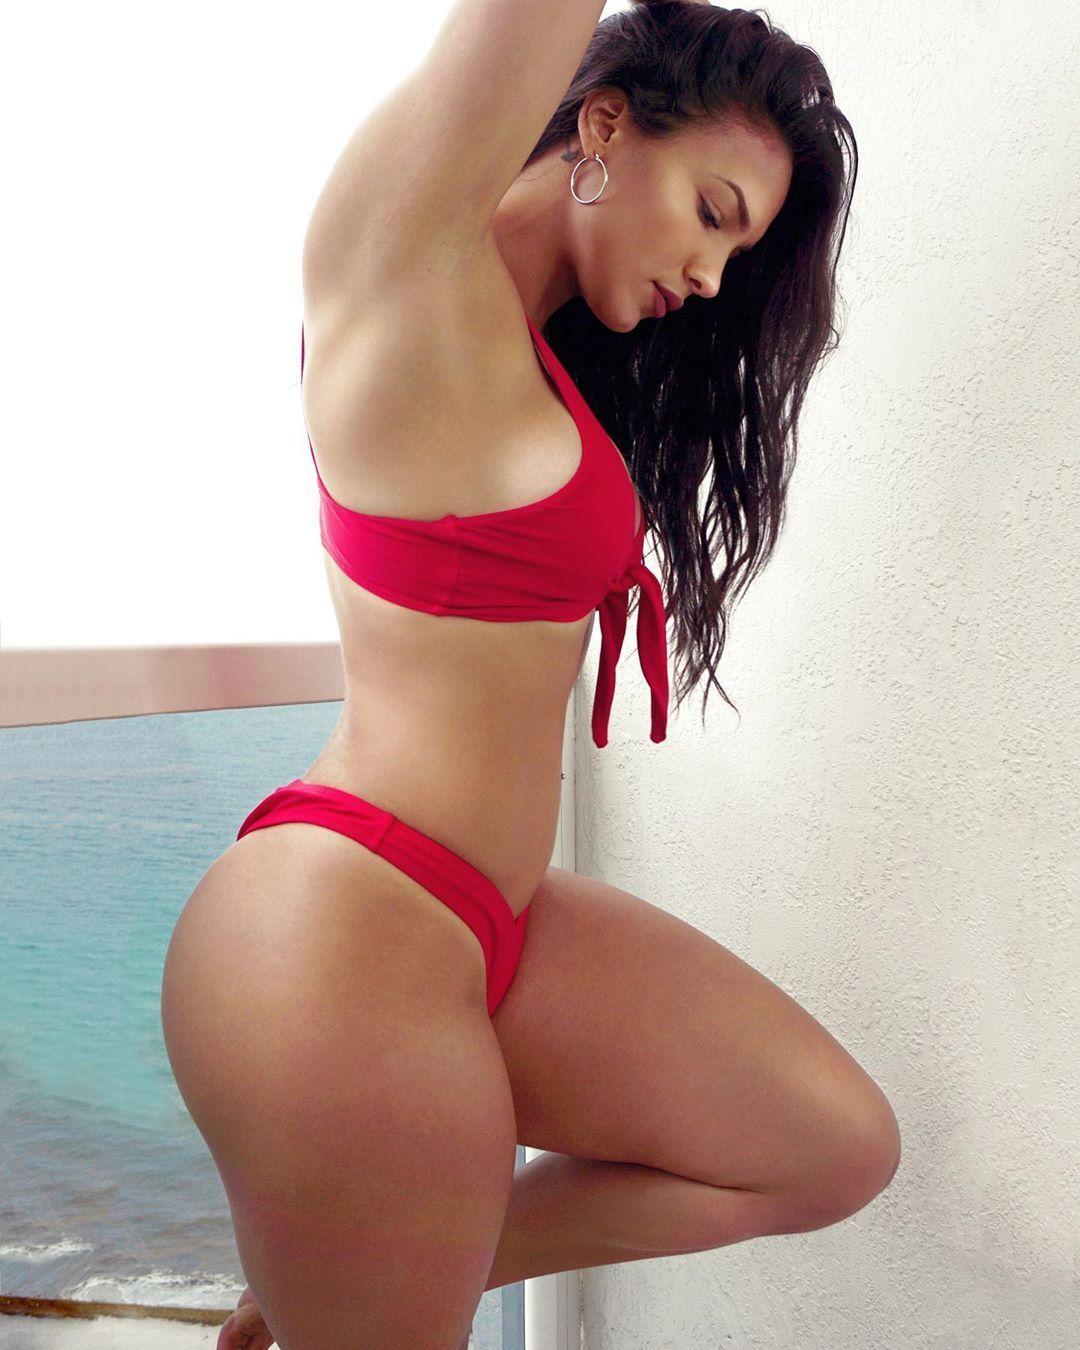 Наташа Эспиноса в красном бикини